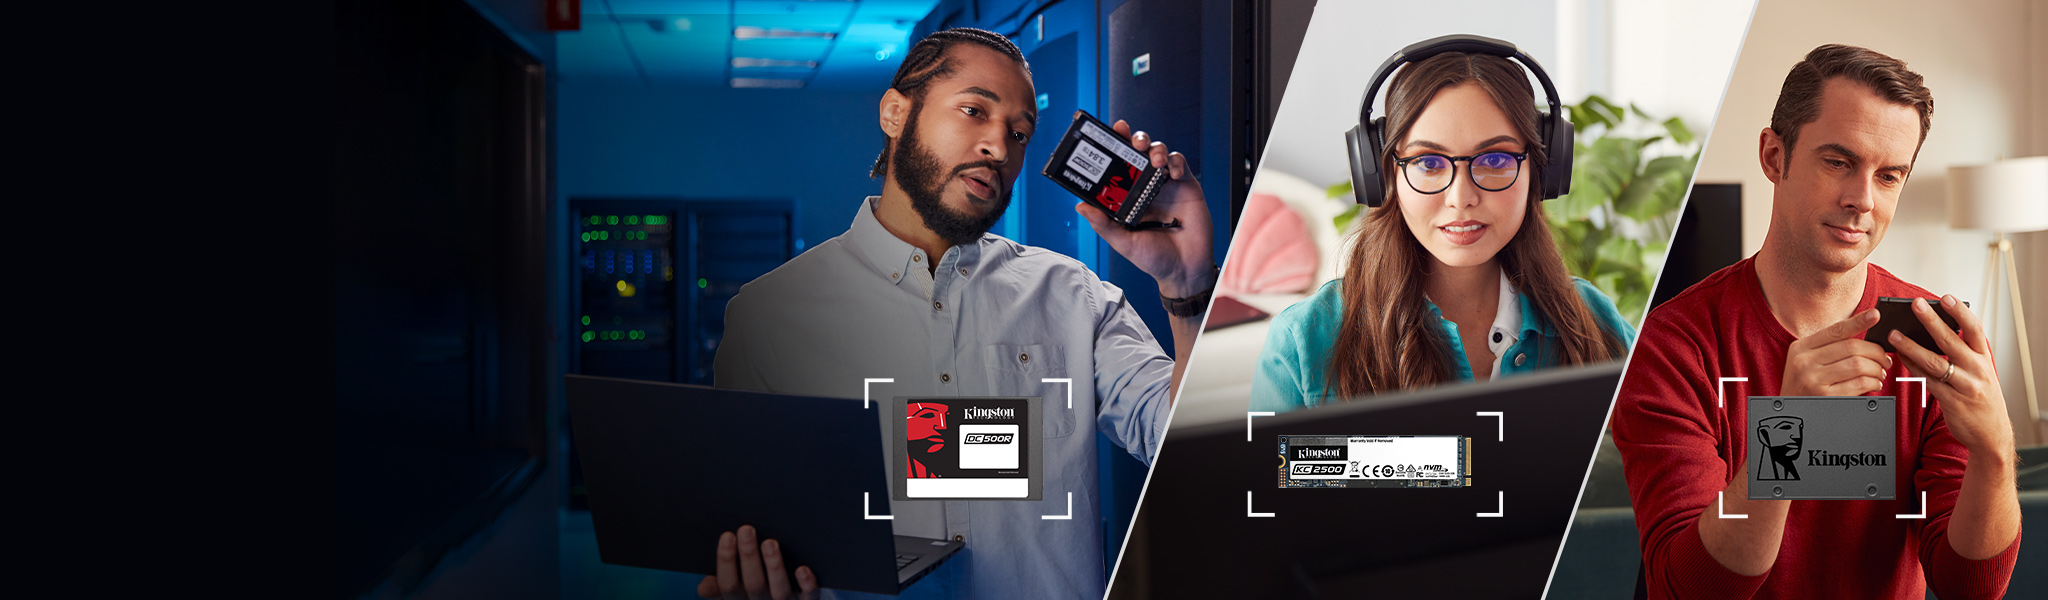 ノートパソコン、デスクトップ PC、サーバー用のソリッドステートドライブ (SSD)